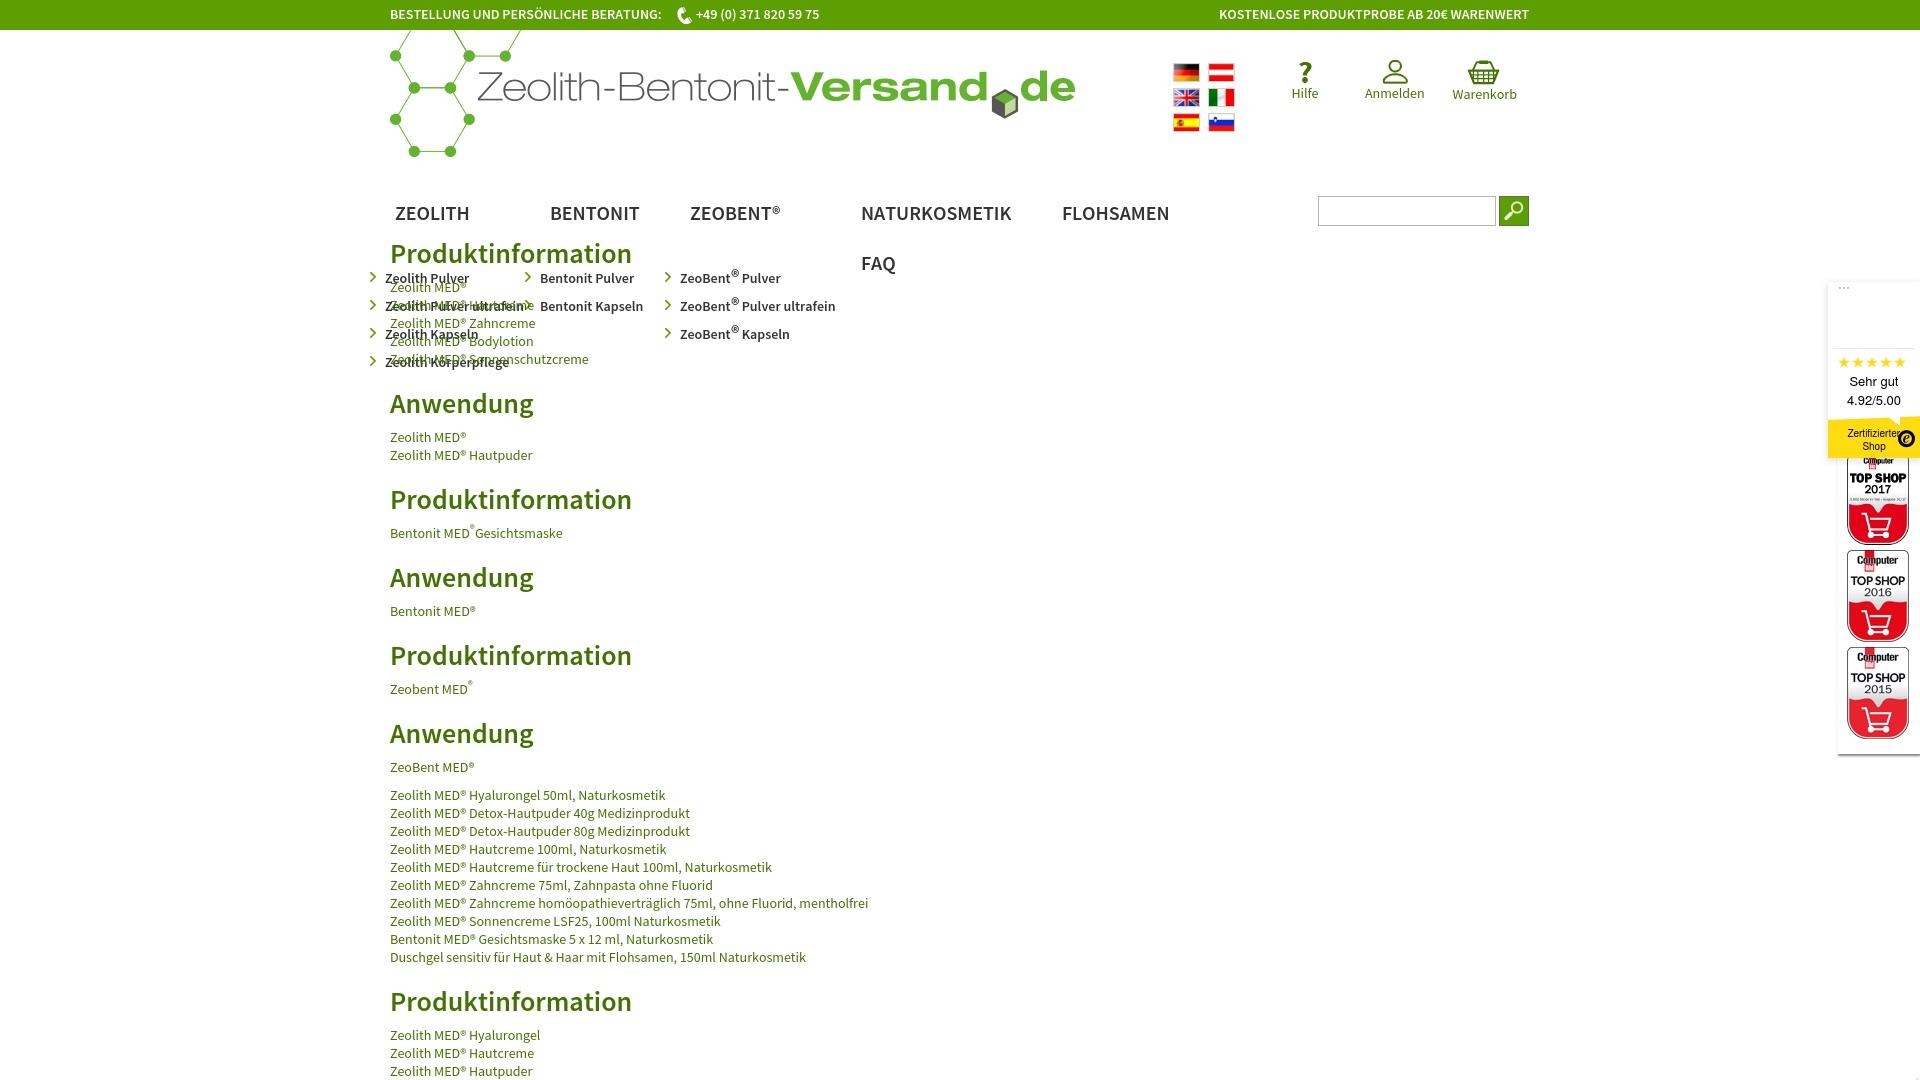 Gutschein für Zeolith-bentonit-versand: Rabatte für  Zeolith-bentonit-versand sichern